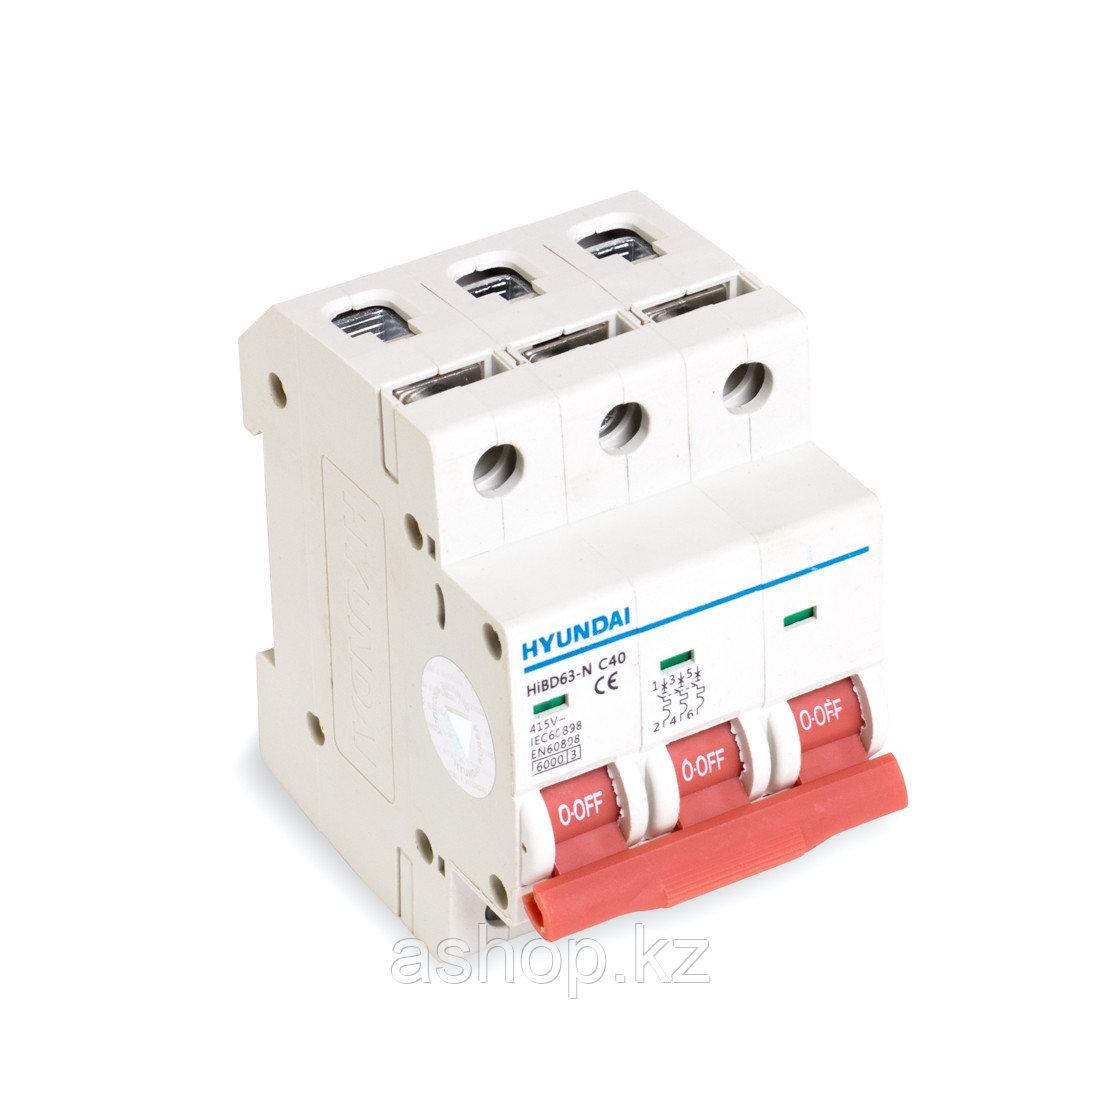 Автоматический выключатель реечный Hyundai HiBD63-N 3P 16А, 230/400 В, Кол-во полюсов: 3, Предел отключения: 6